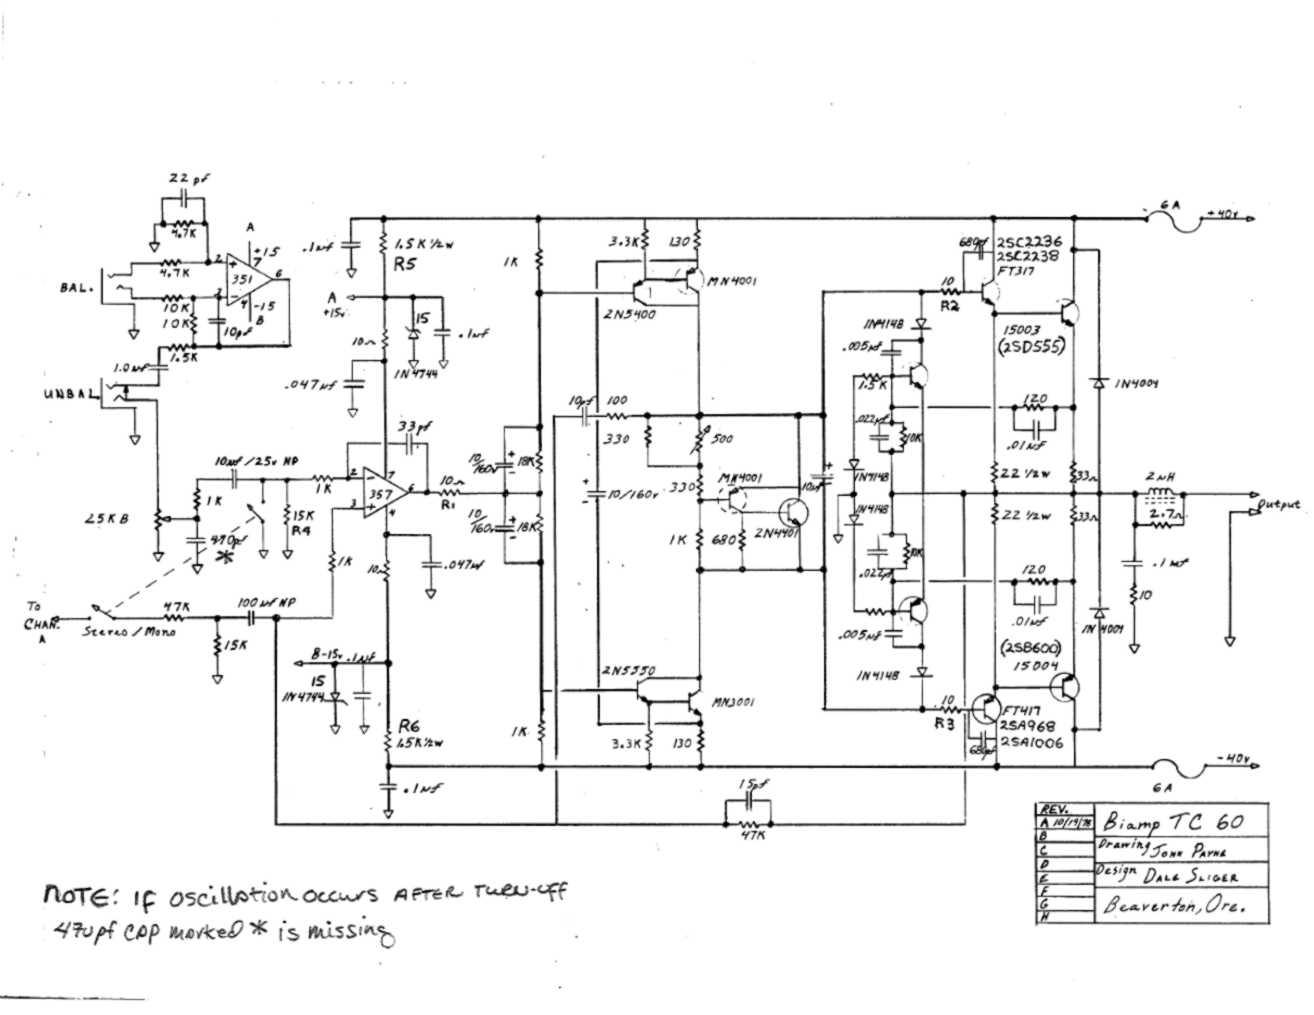 70 volt speaker wiring diagram rcbo australia 70v get free image about